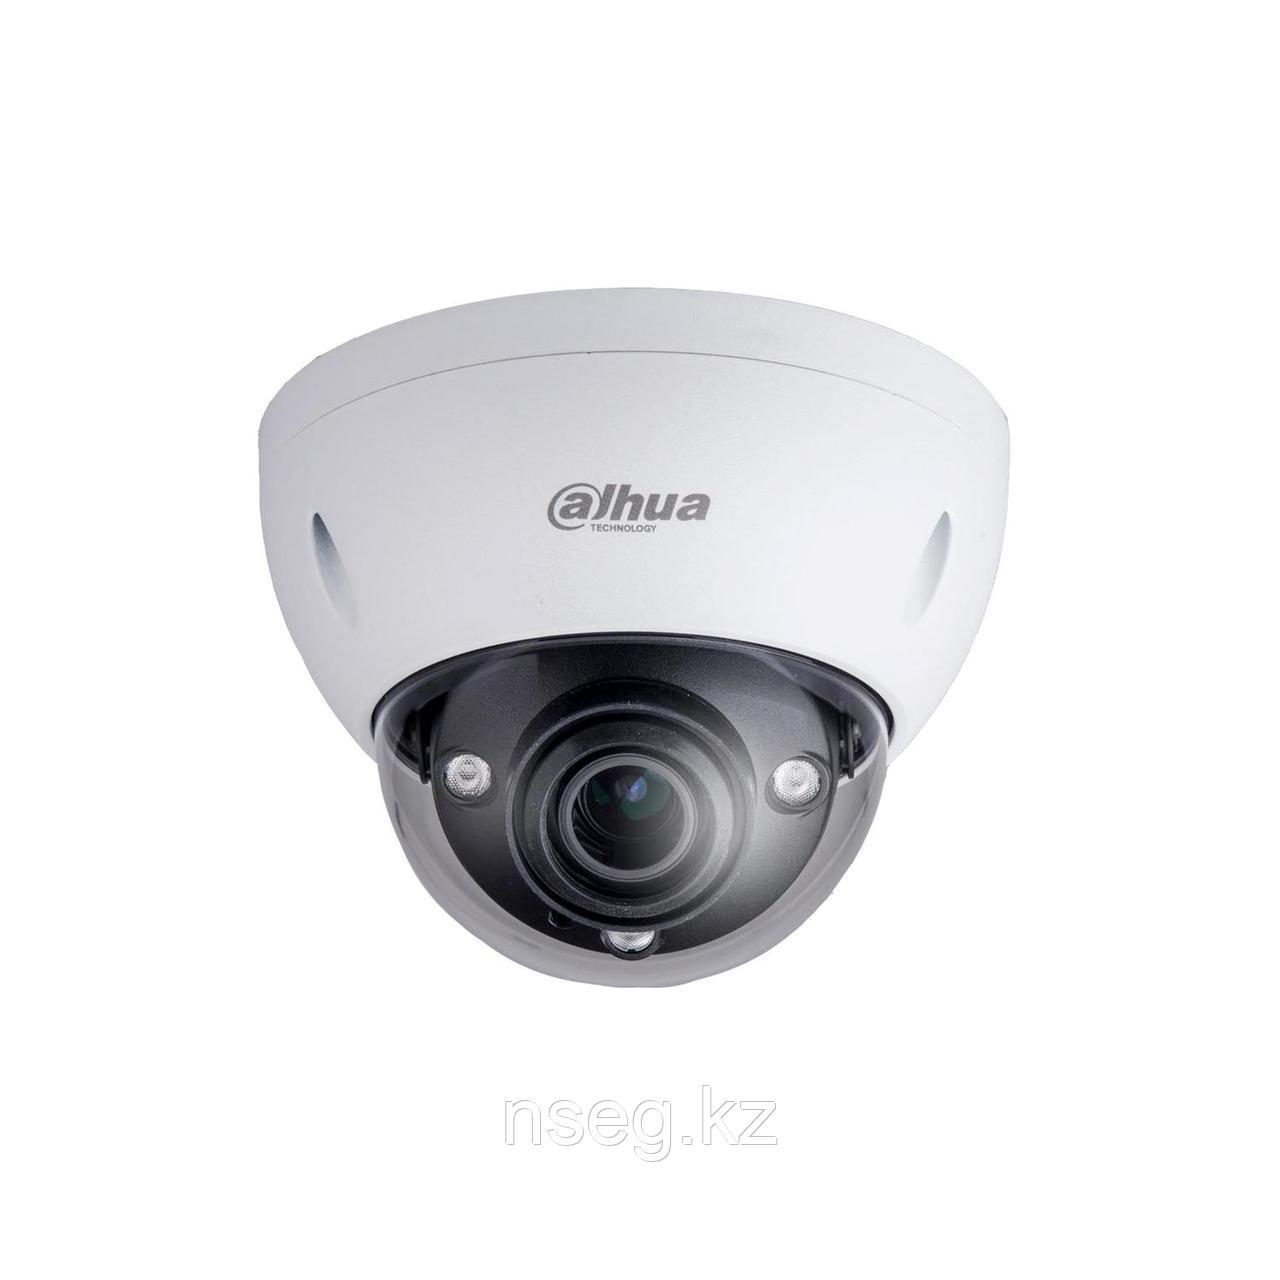 Dahua IPC-HDBW5231E-ZE IP камера